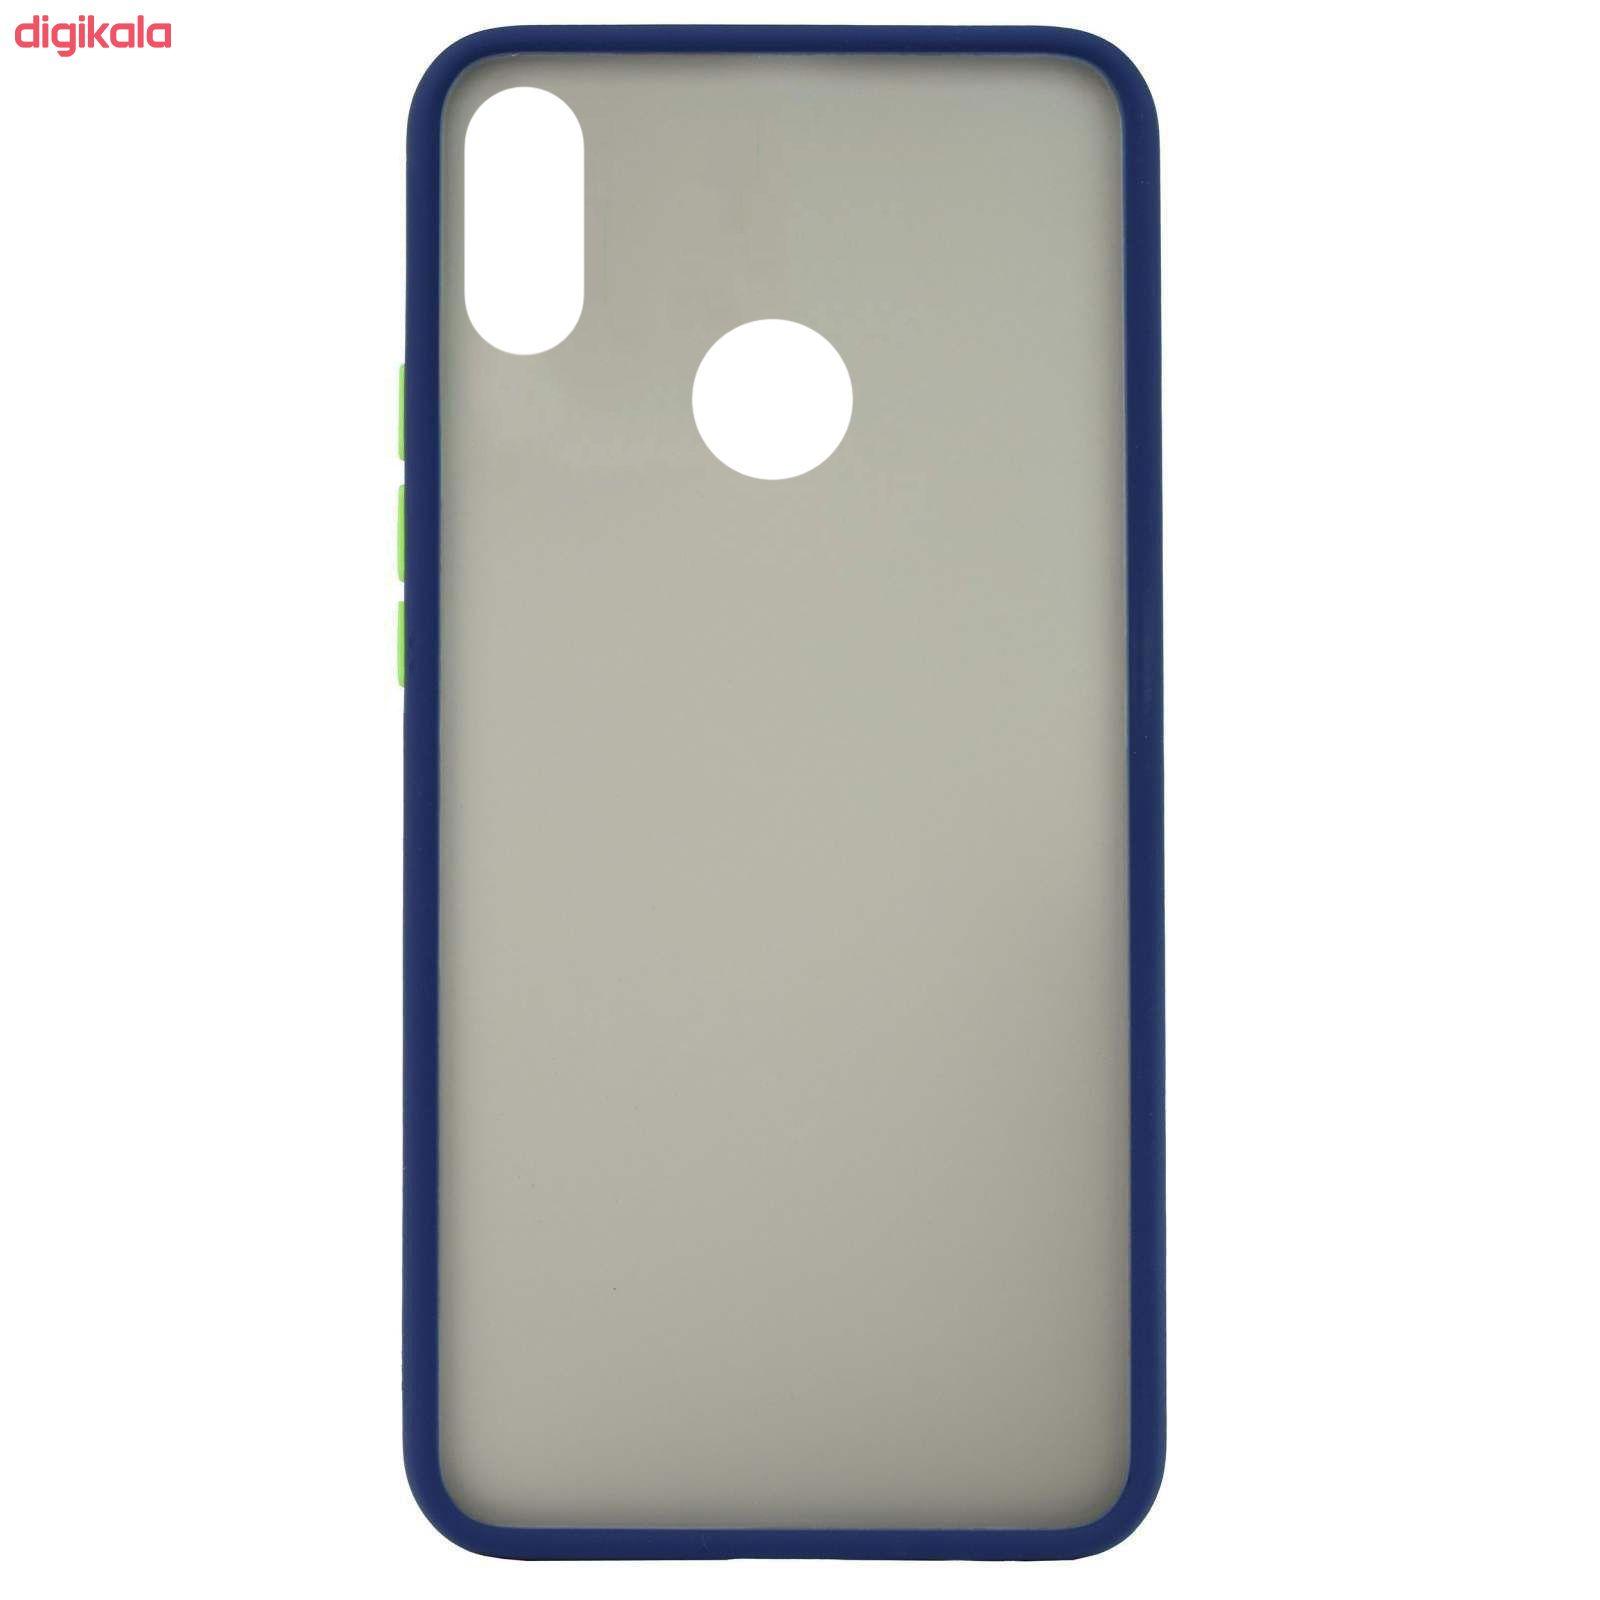 کاور مدل SB-01 مناسب برای گوشی موبایل هوآوی Y6 2019 main 1 2